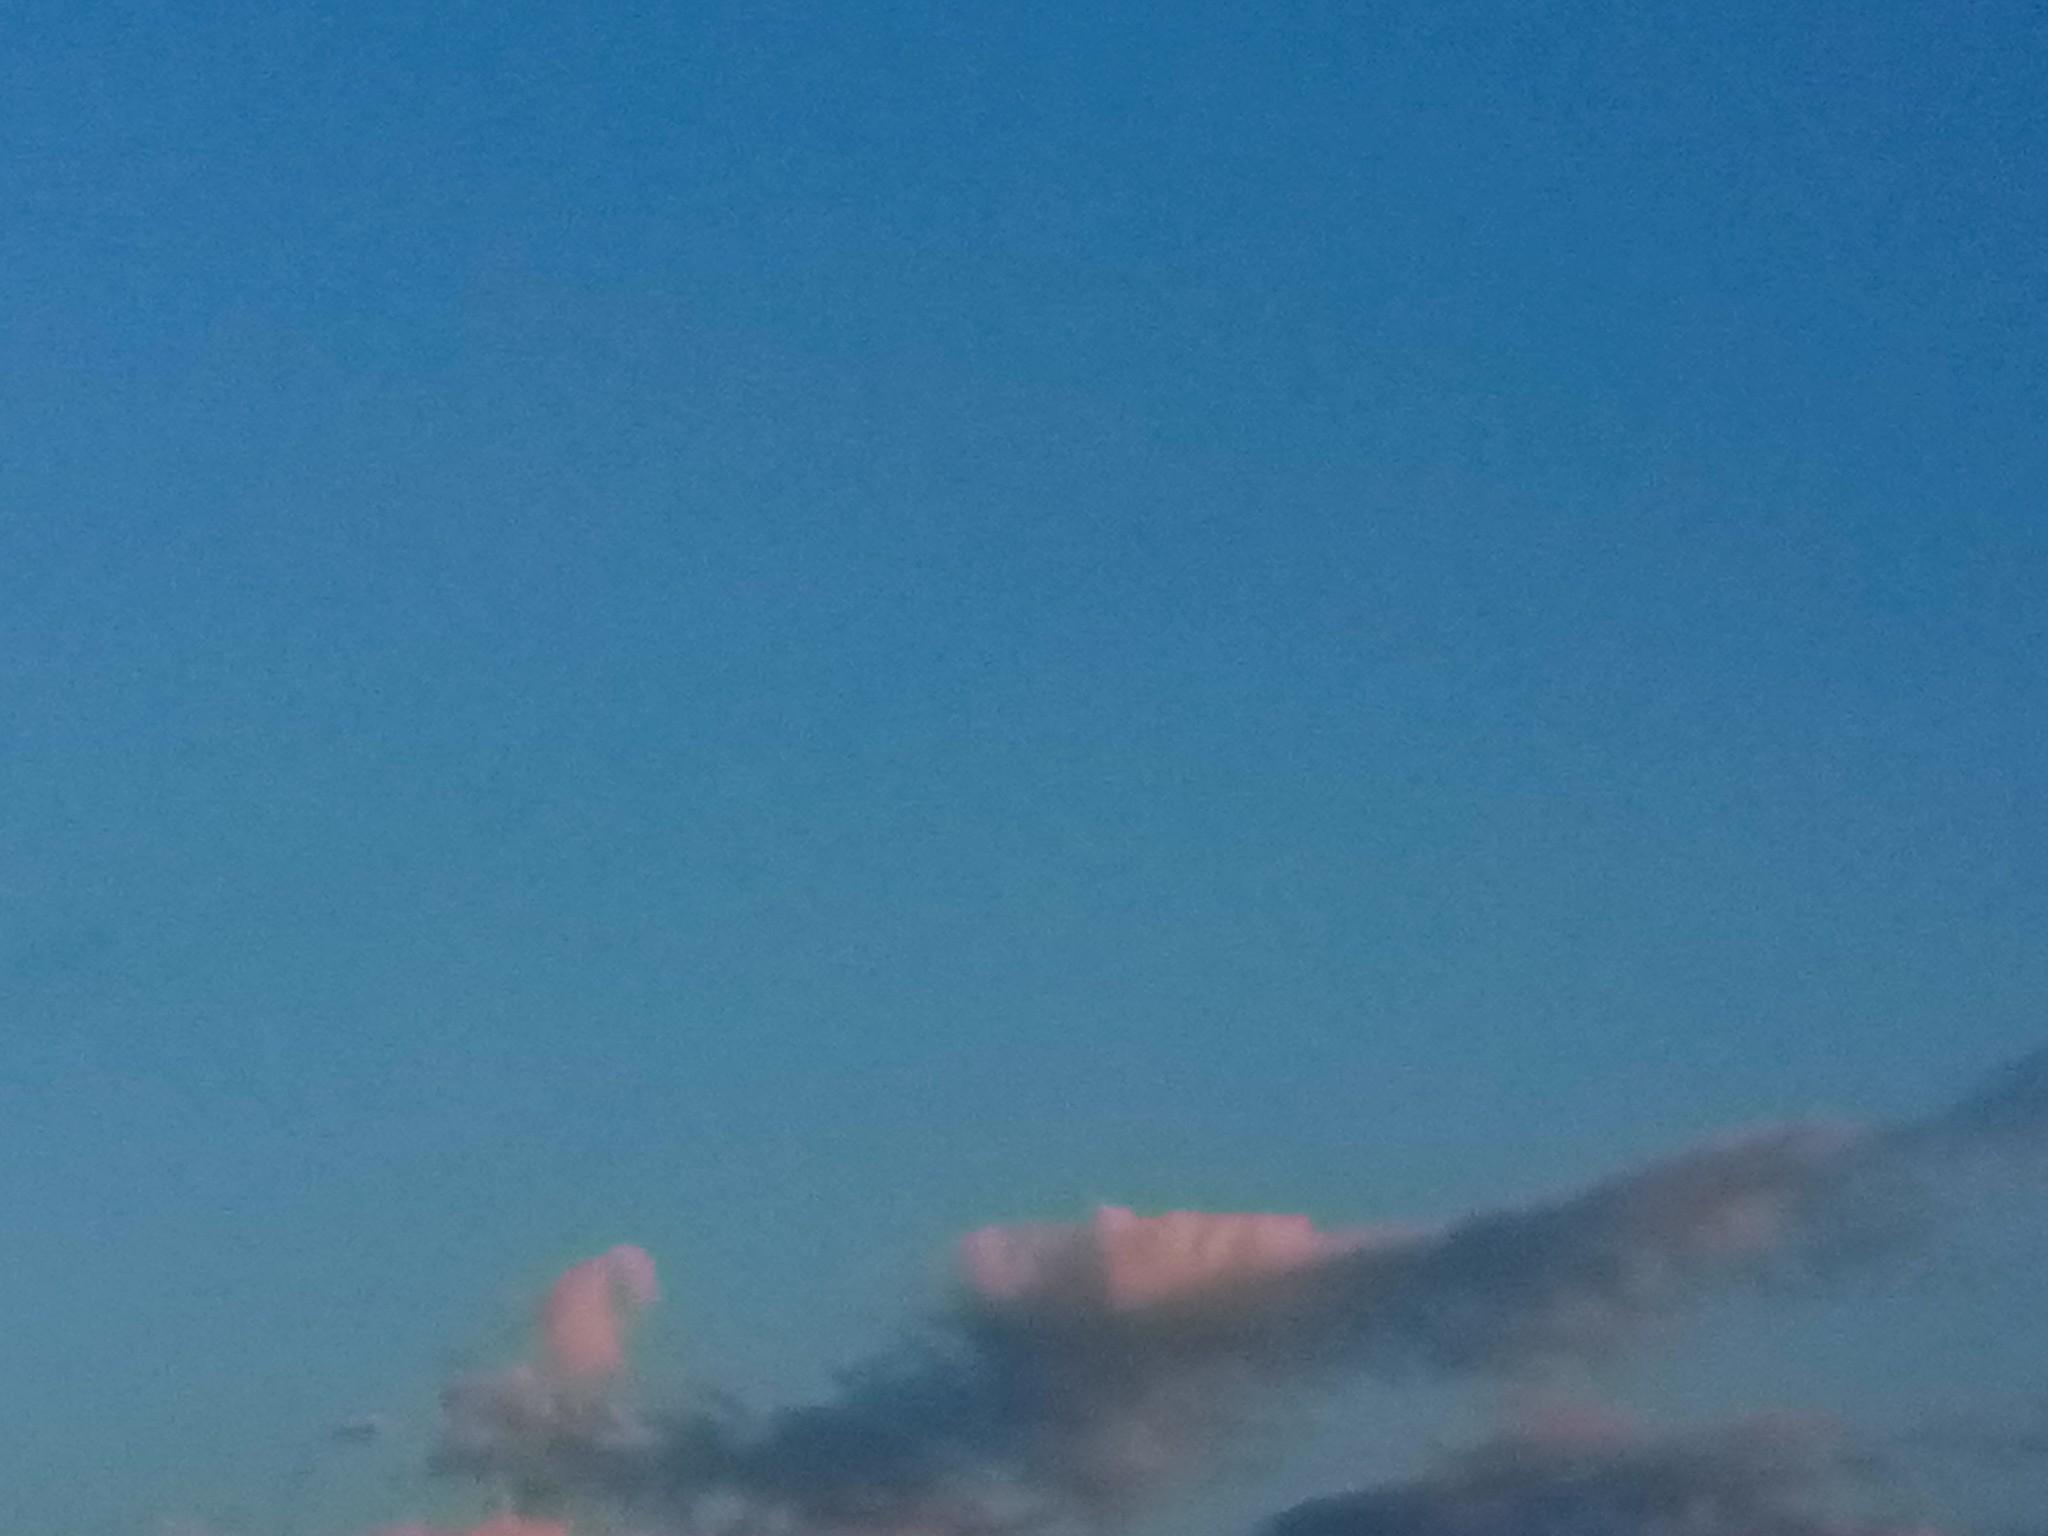 Sky photos